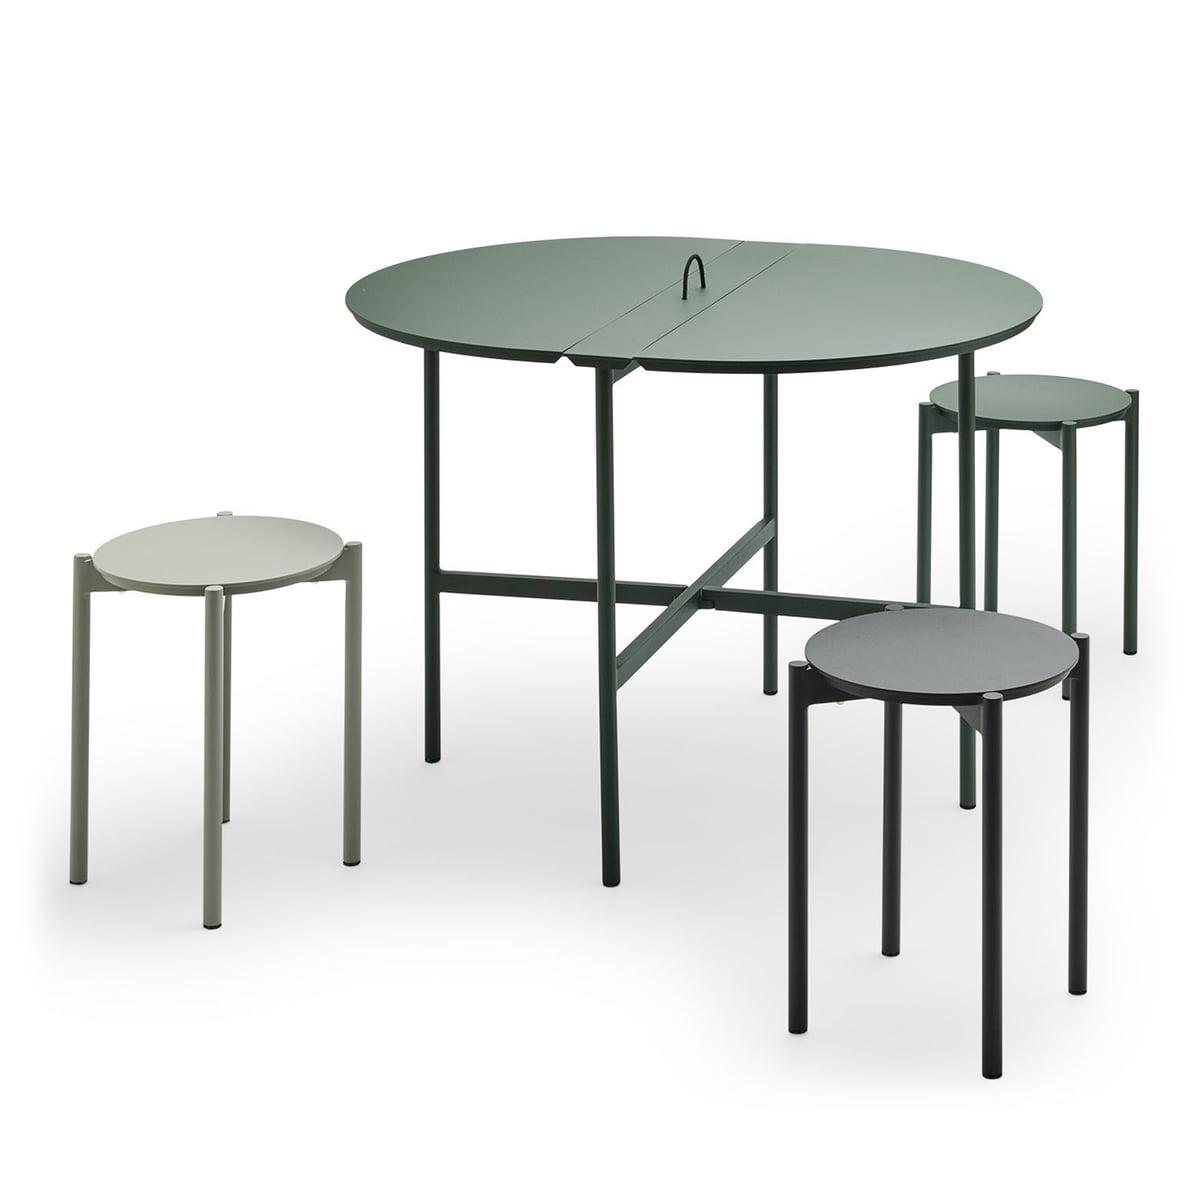 picnic tisch von skagerak. Black Bedroom Furniture Sets. Home Design Ideas